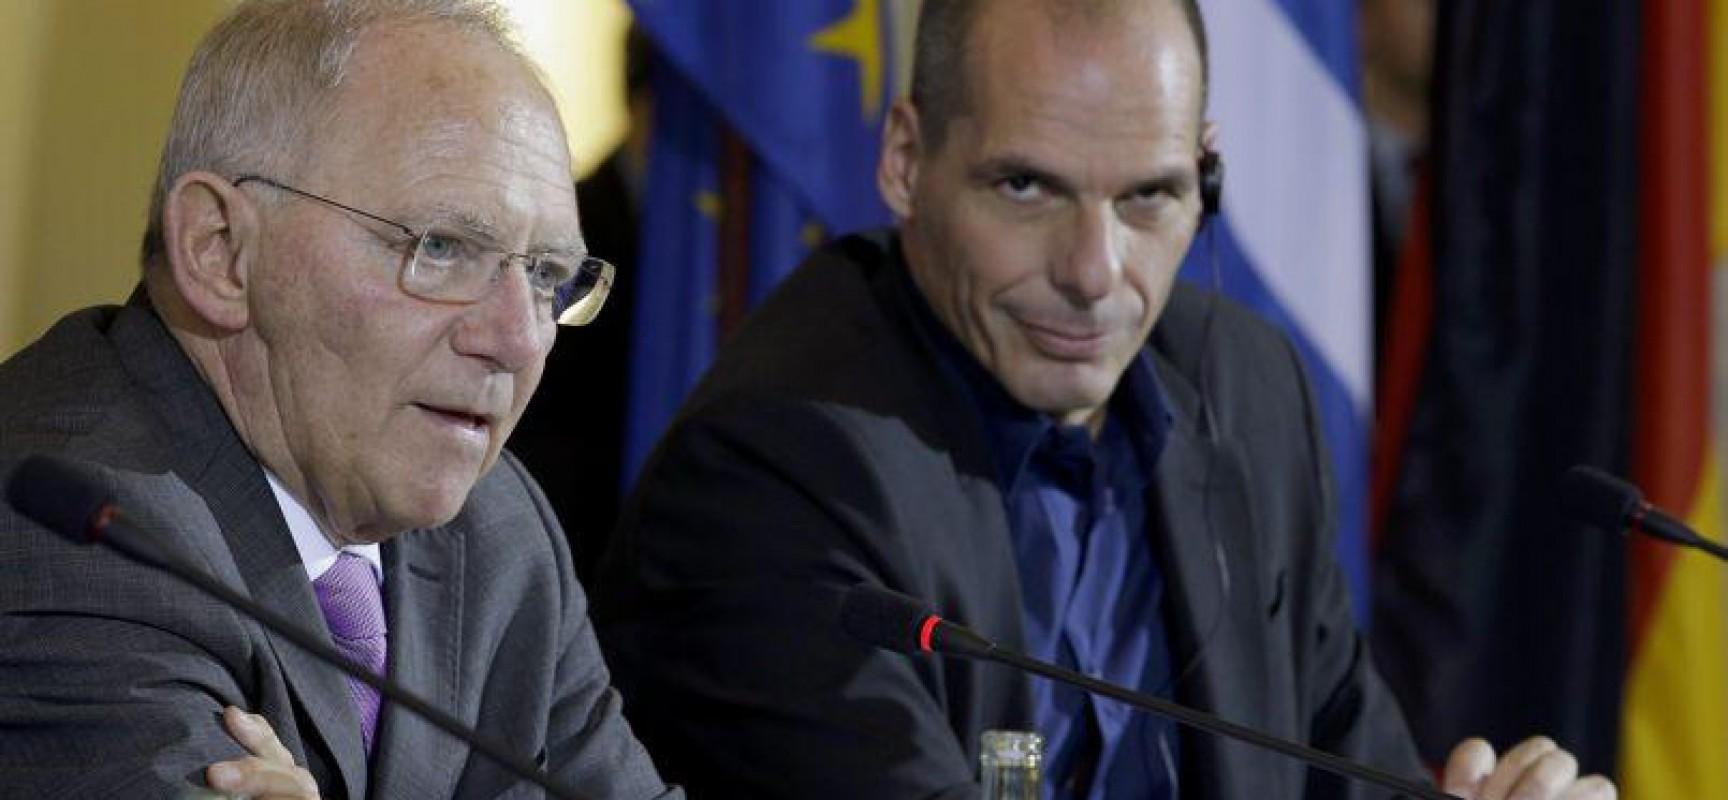 Menace de putsch en Grèce